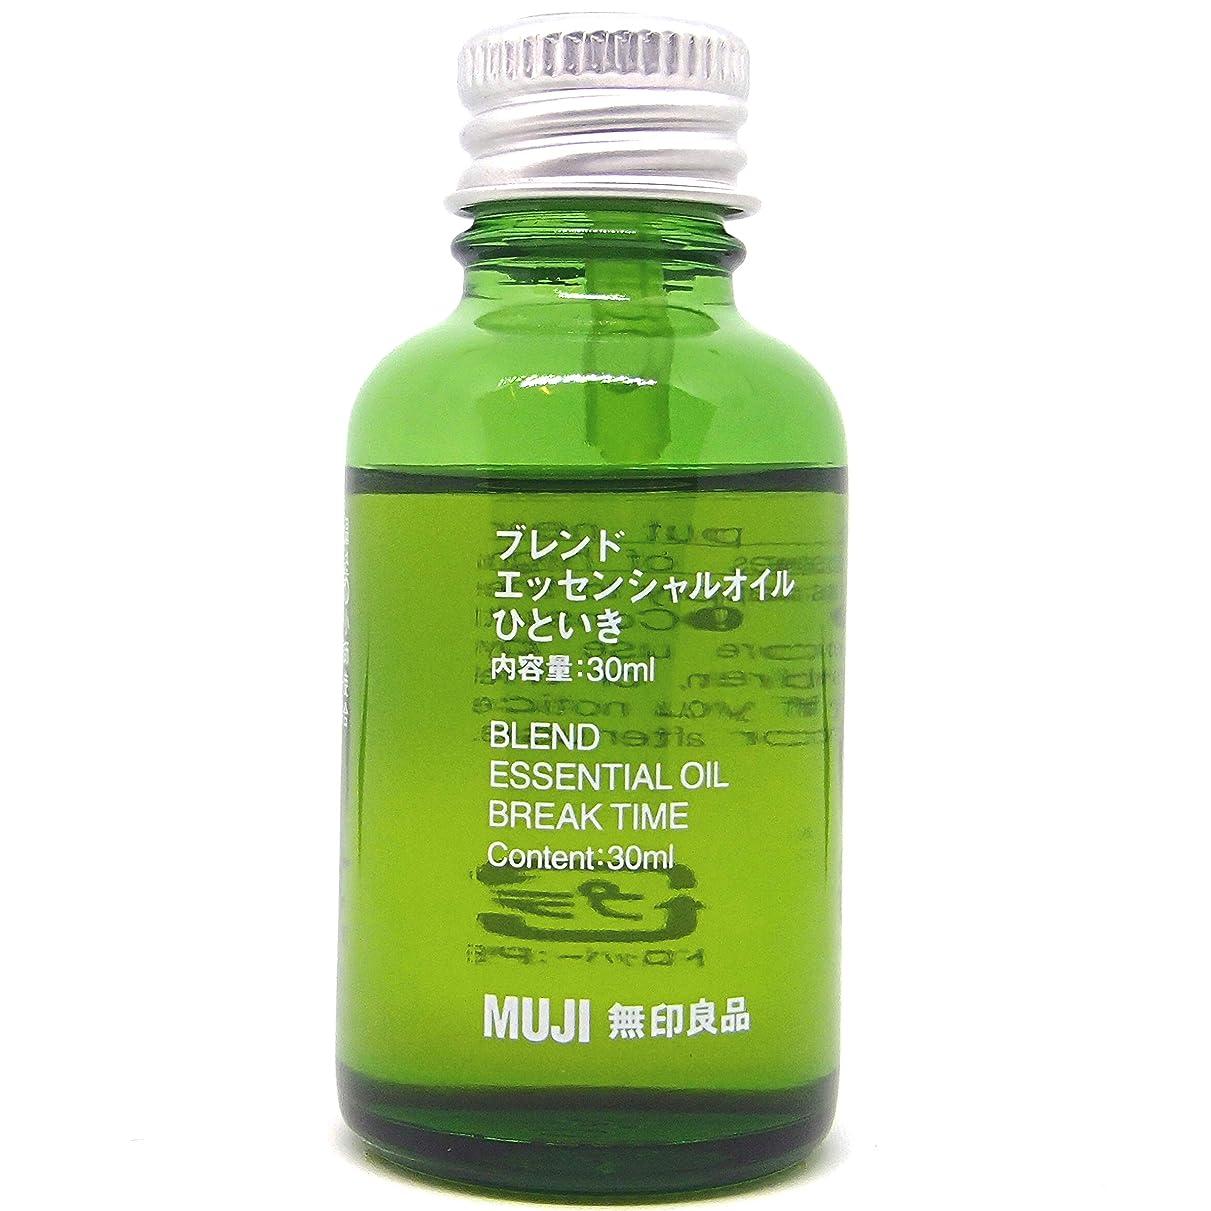 花弁赤道タンカー【無印良品】エッセンシャルオイル30ml(ひといき)